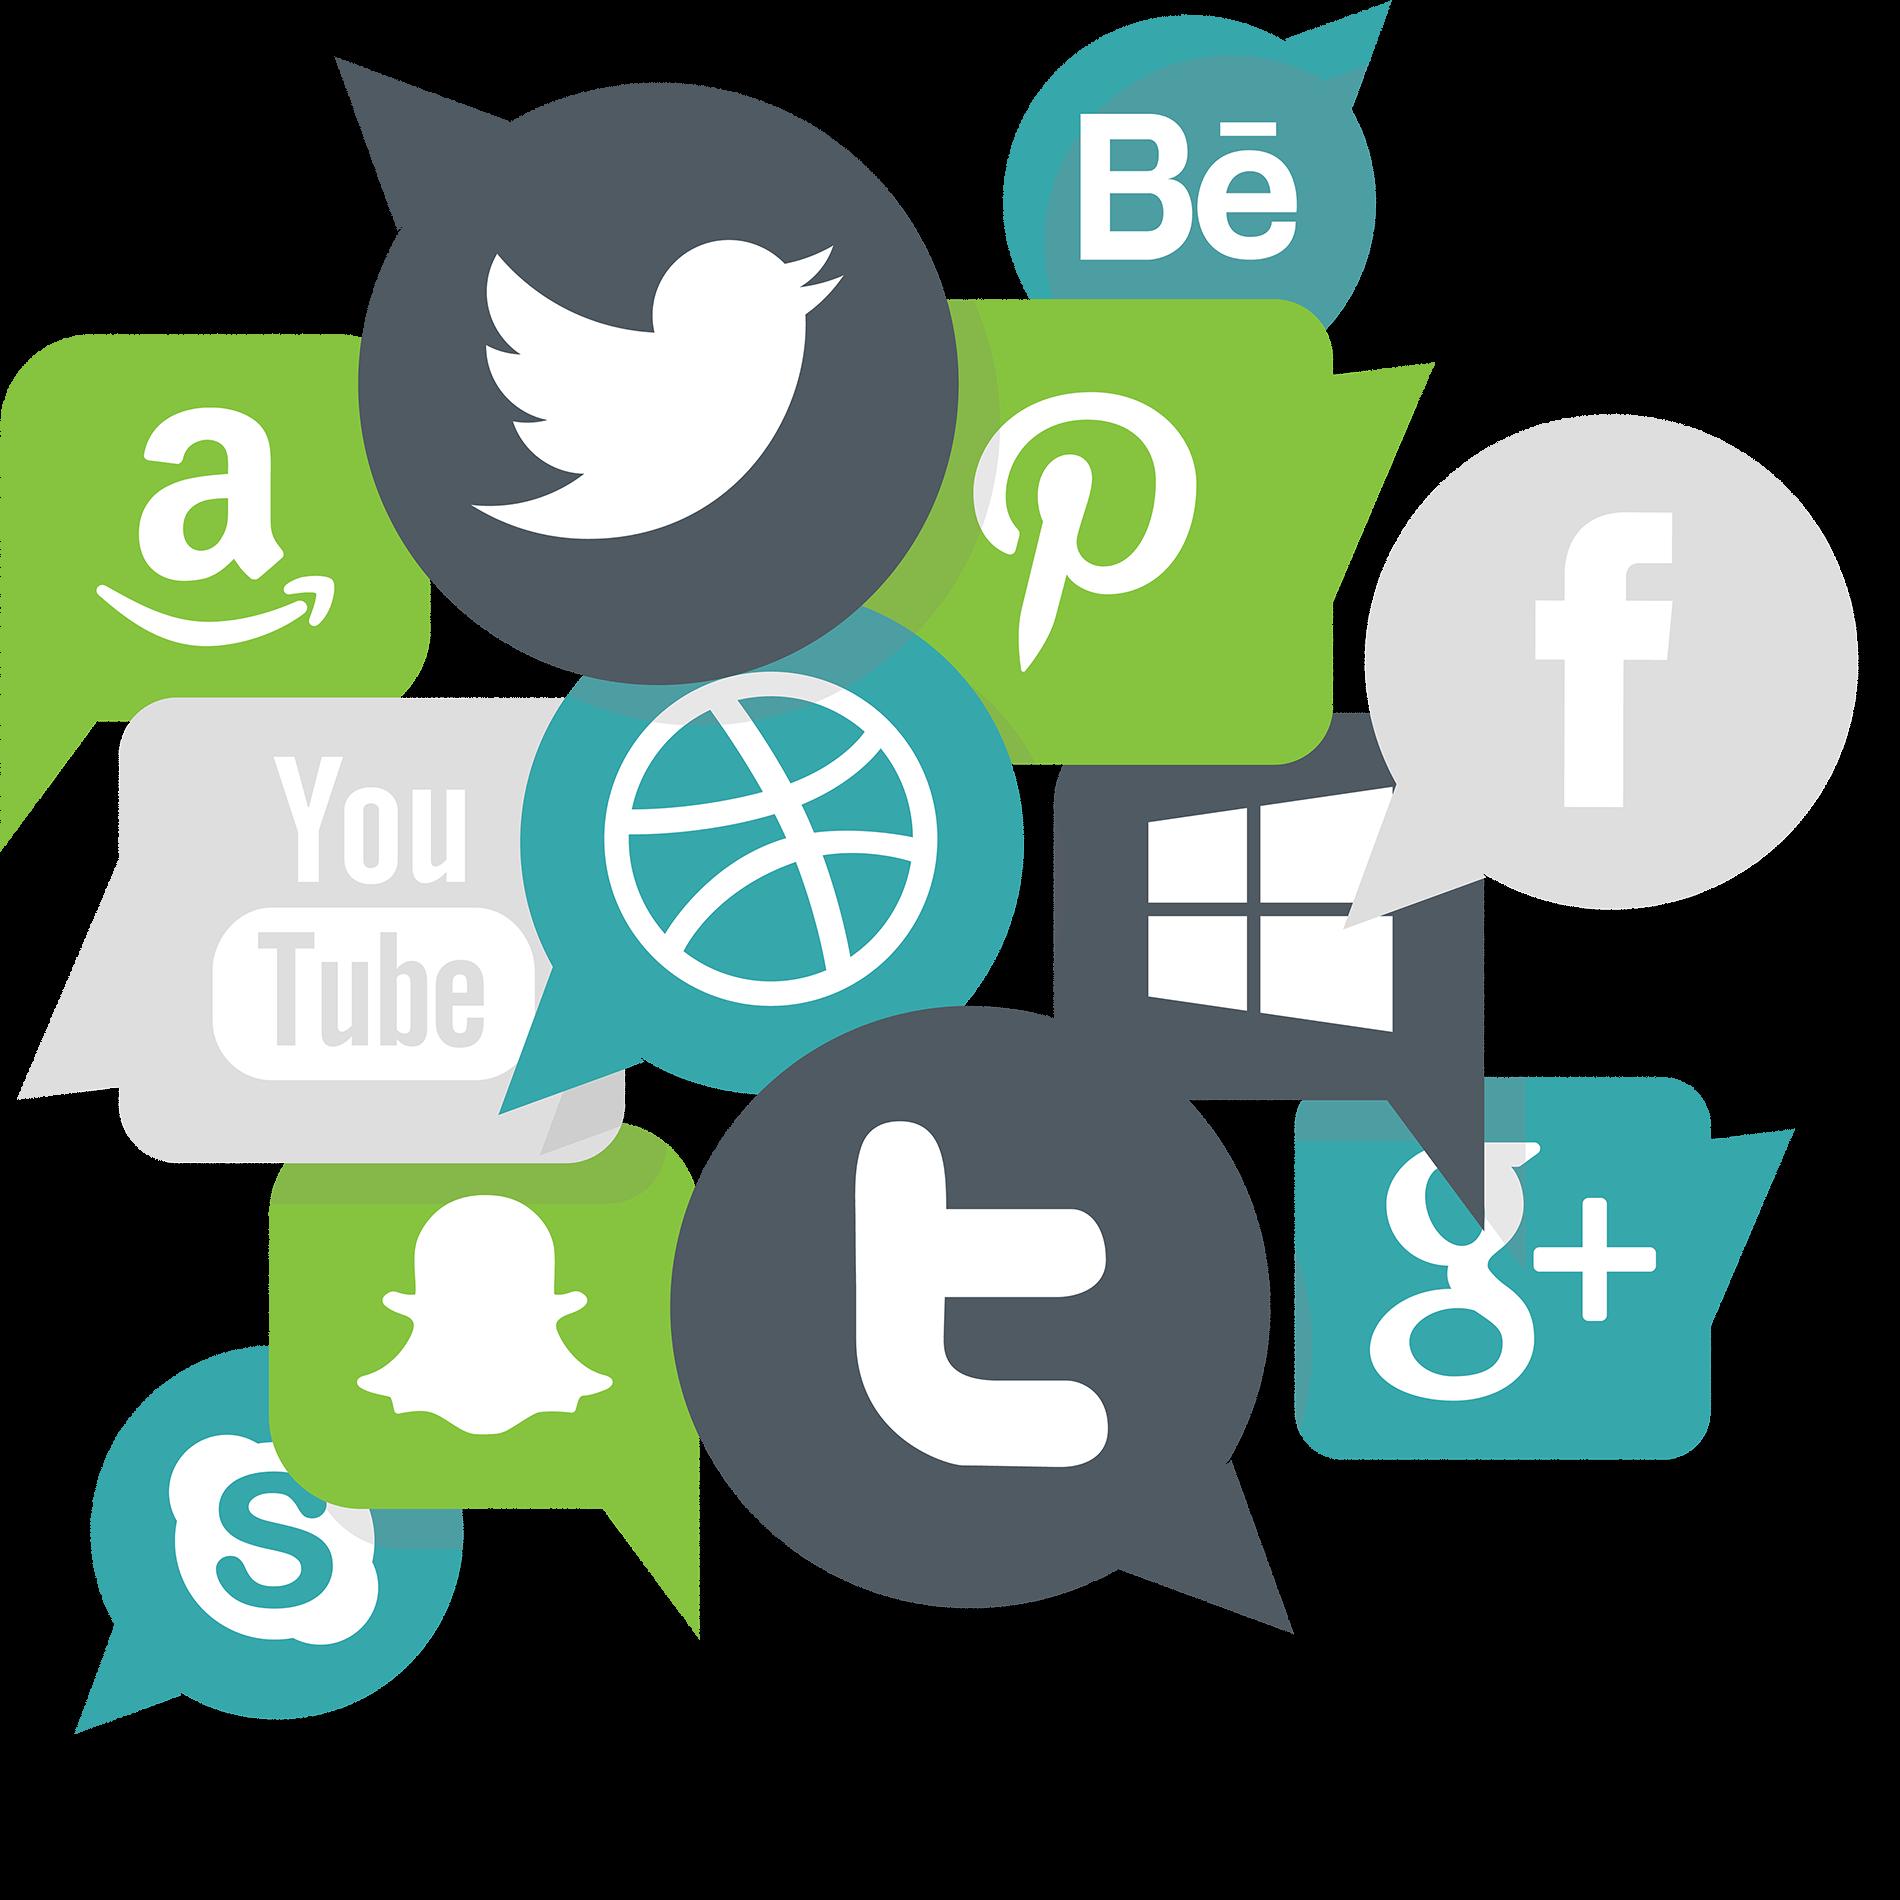 Social Media Agency Social Media Services